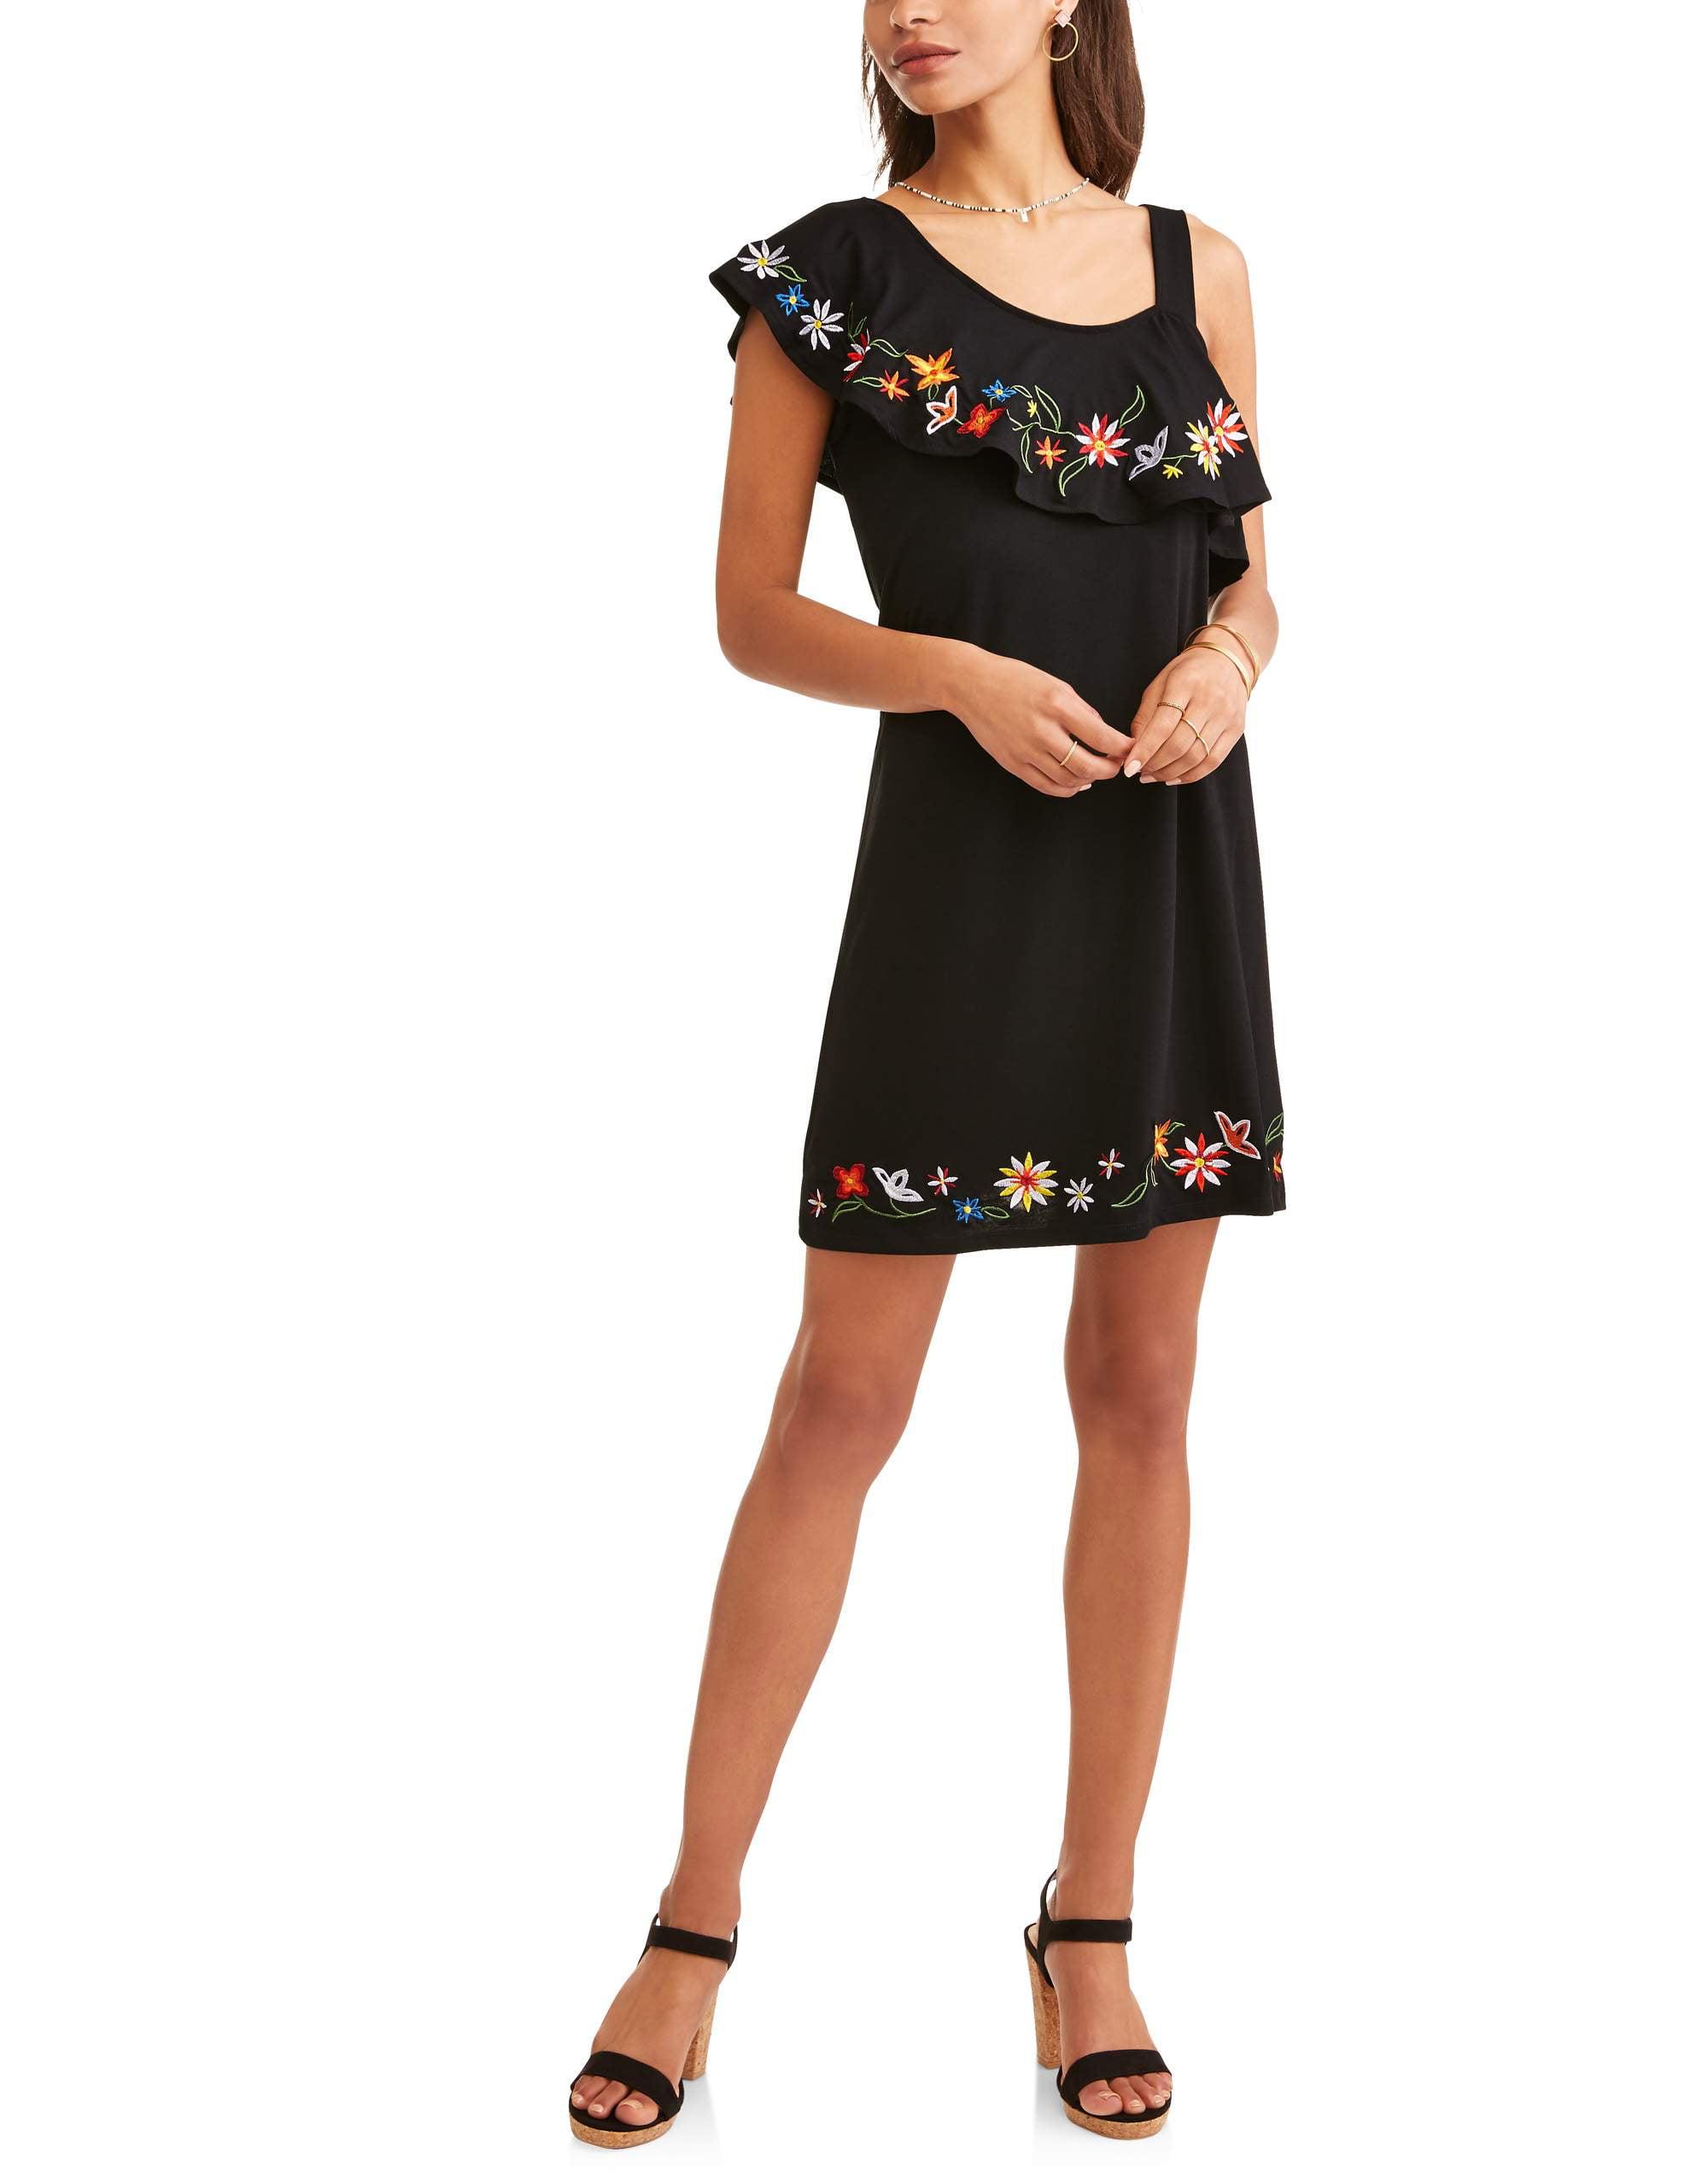 Allison Brittney Women's Embroidered Hem Tank Dress